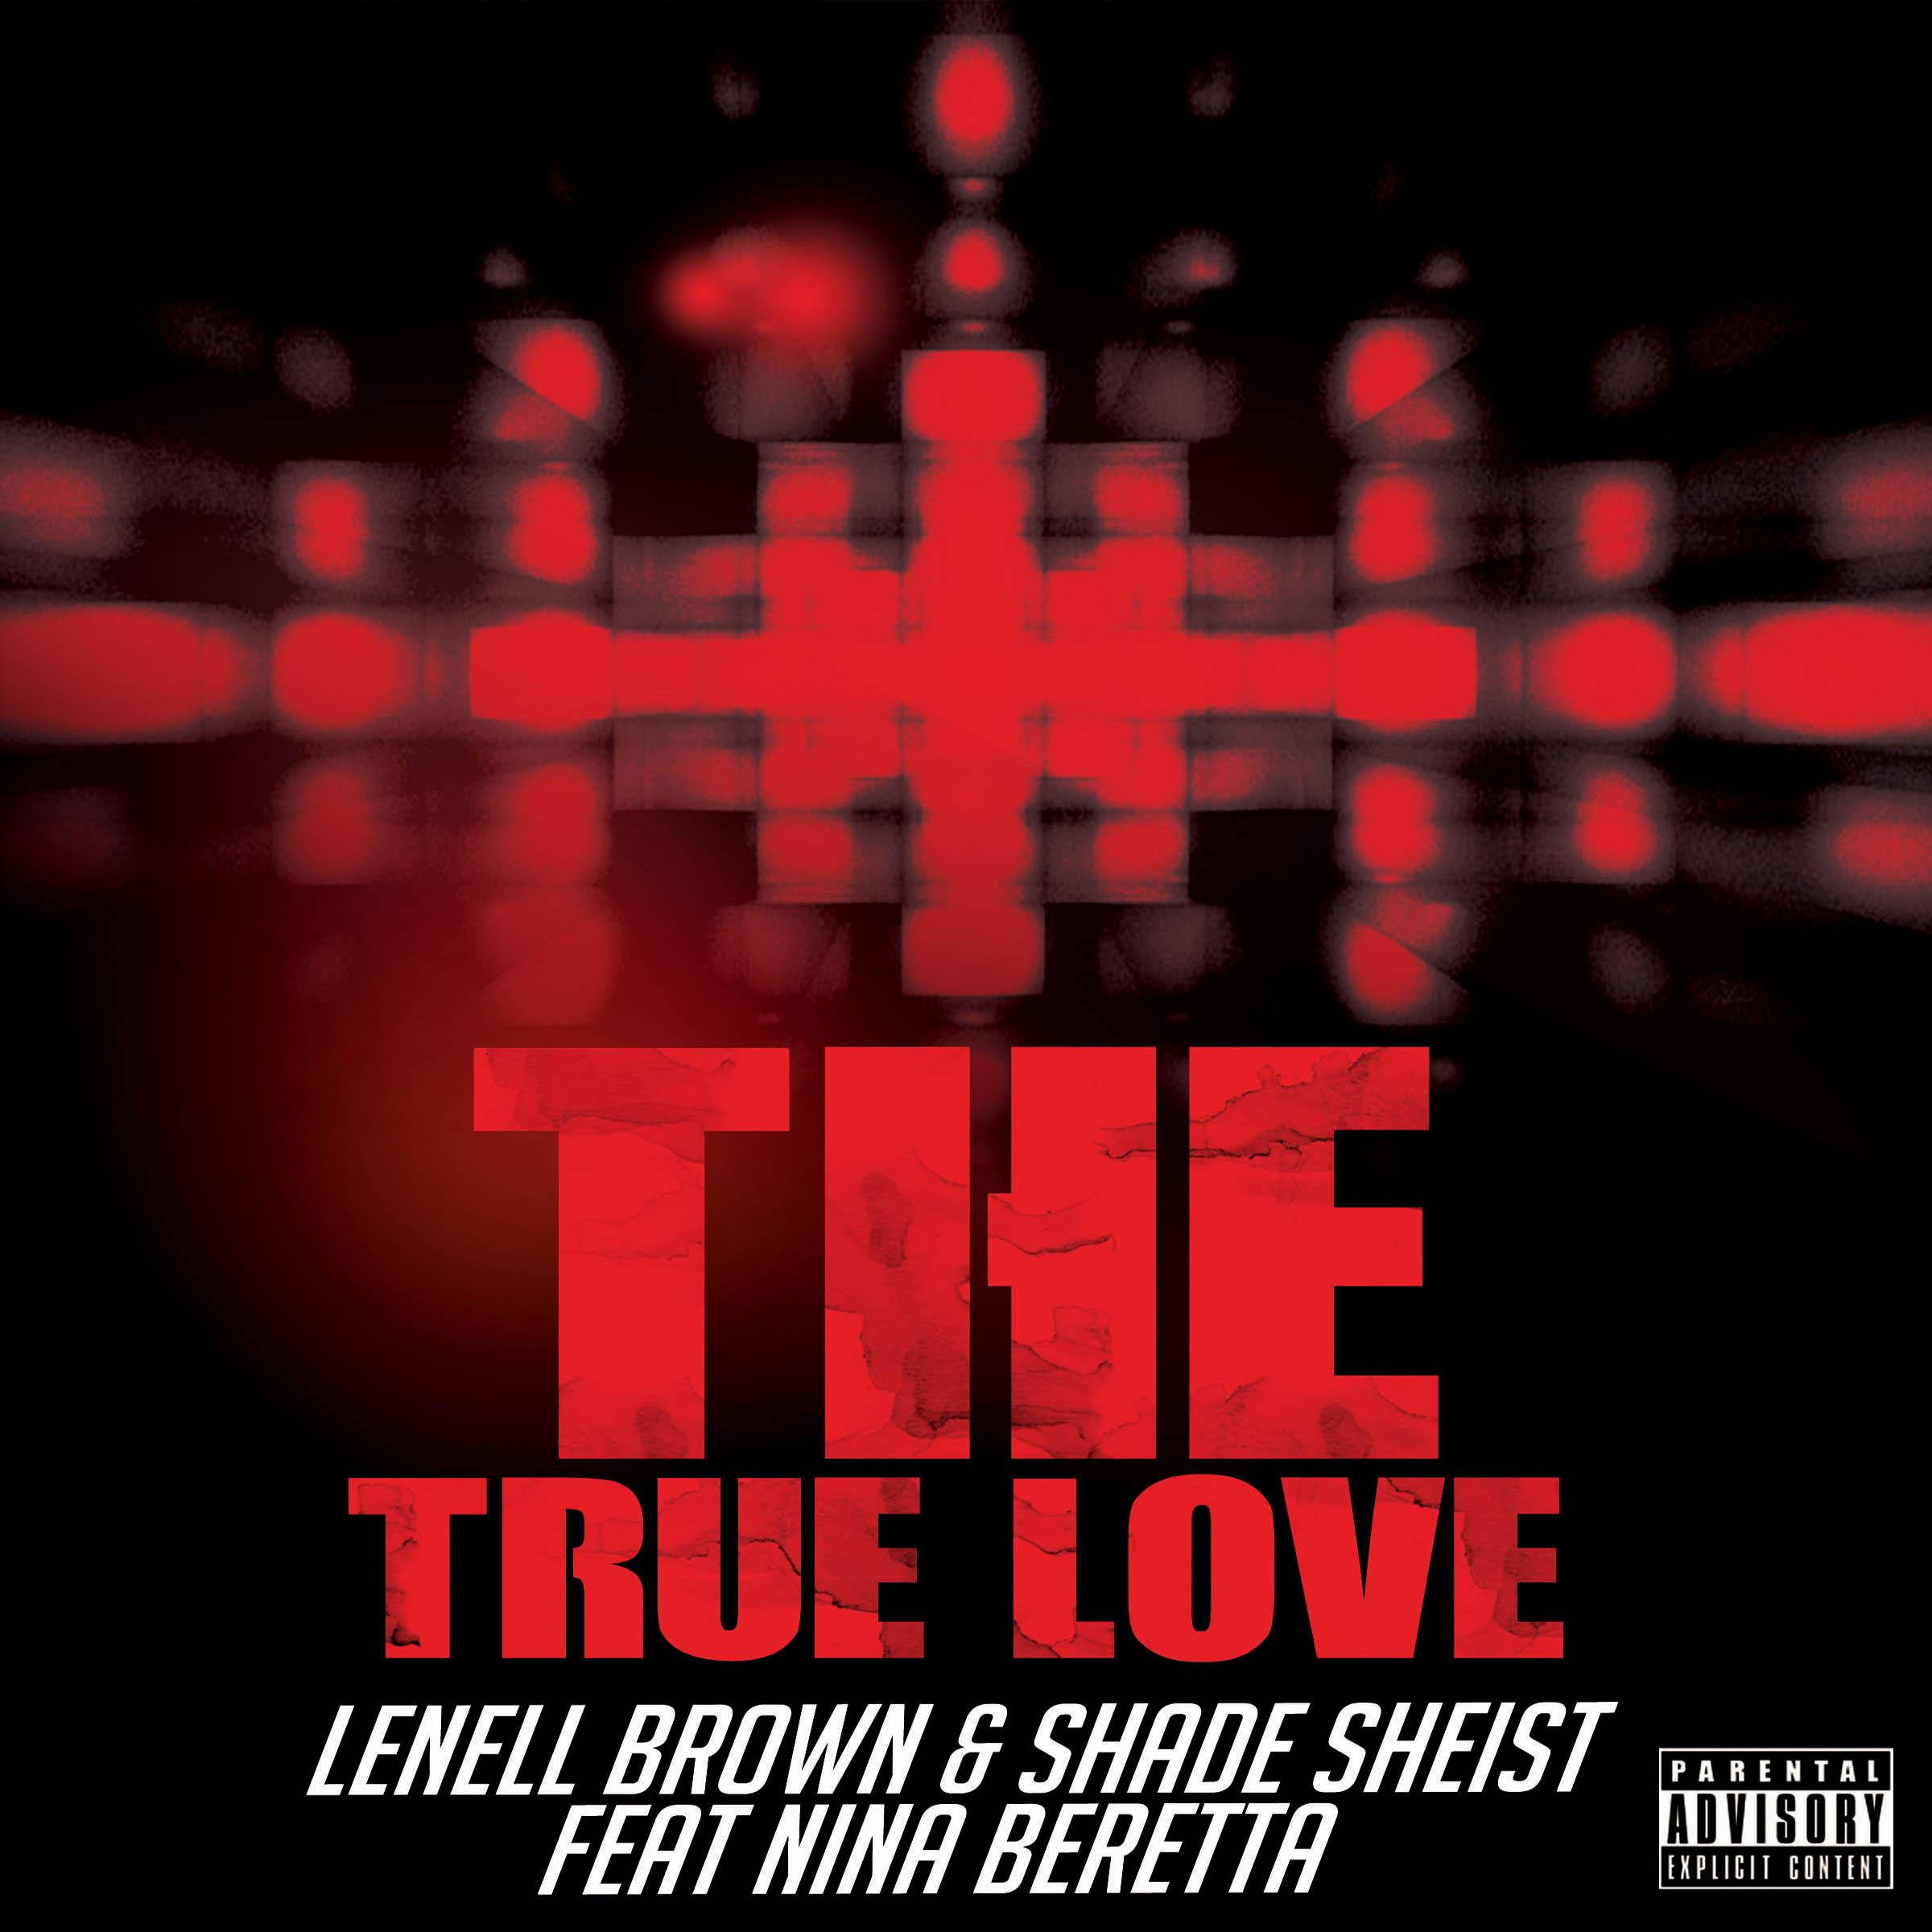 The true love cover